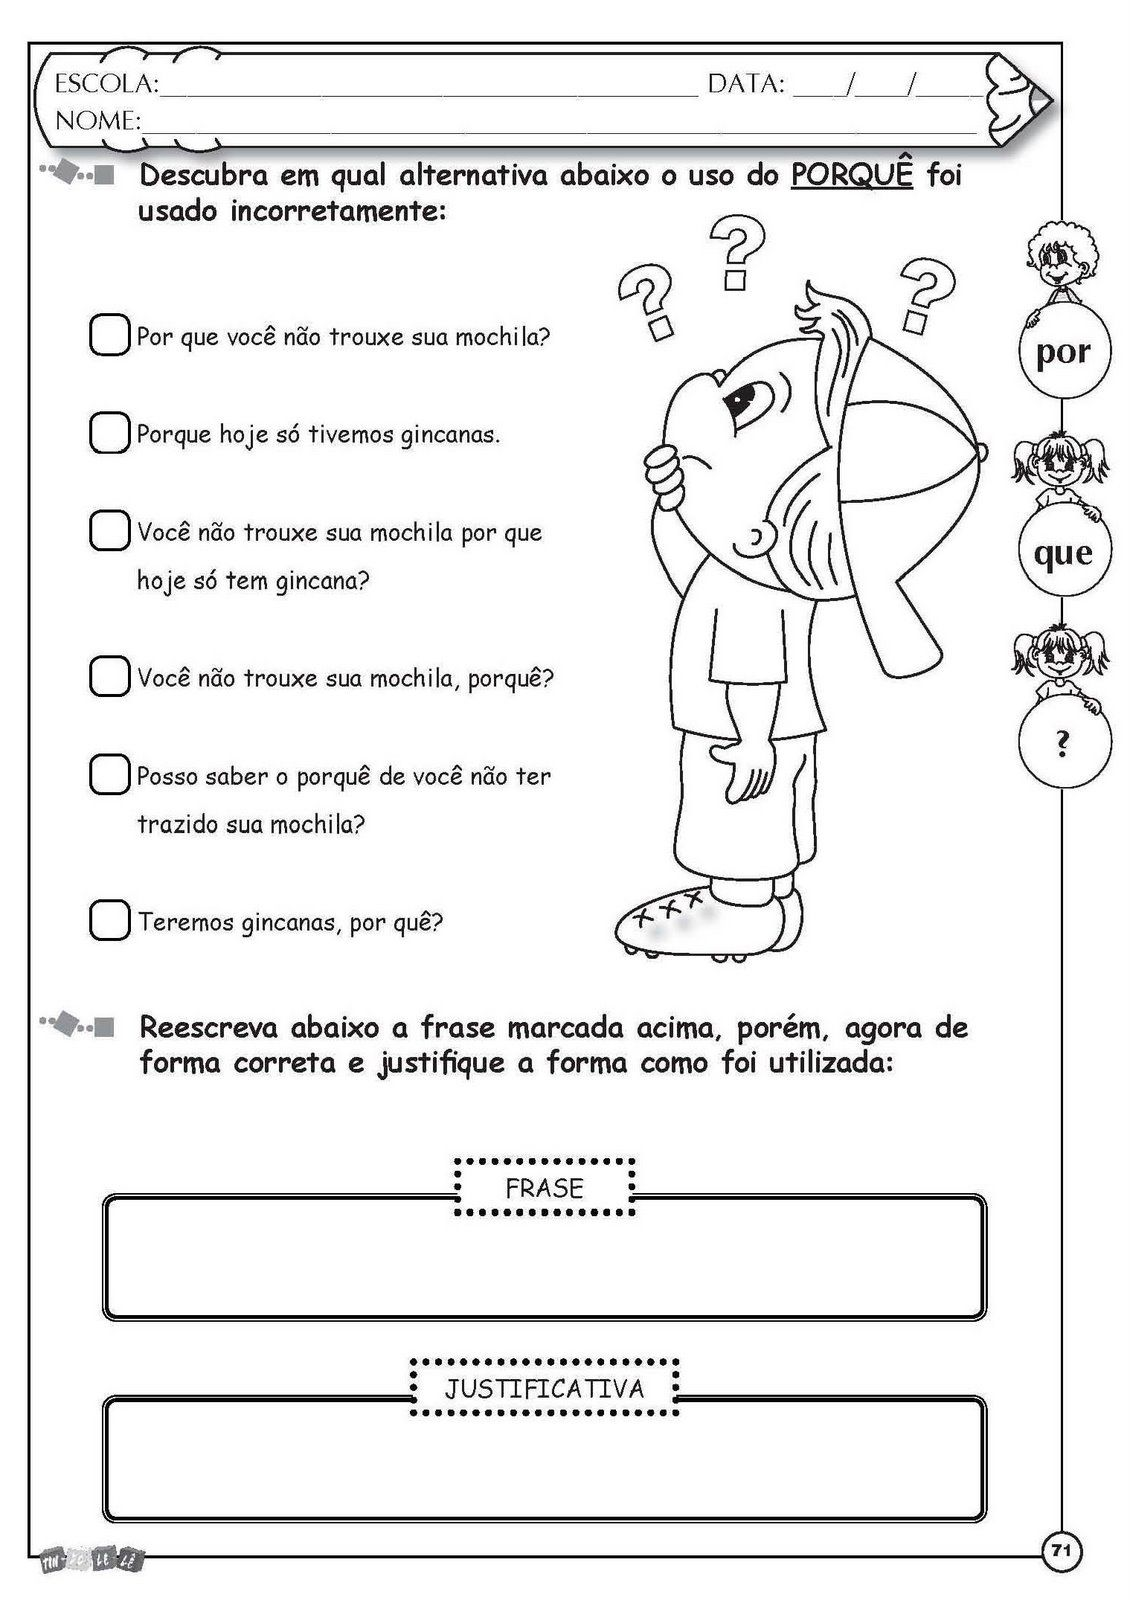 A evasão escolar como possível consequencia dadificuldade de aprendizagem 10